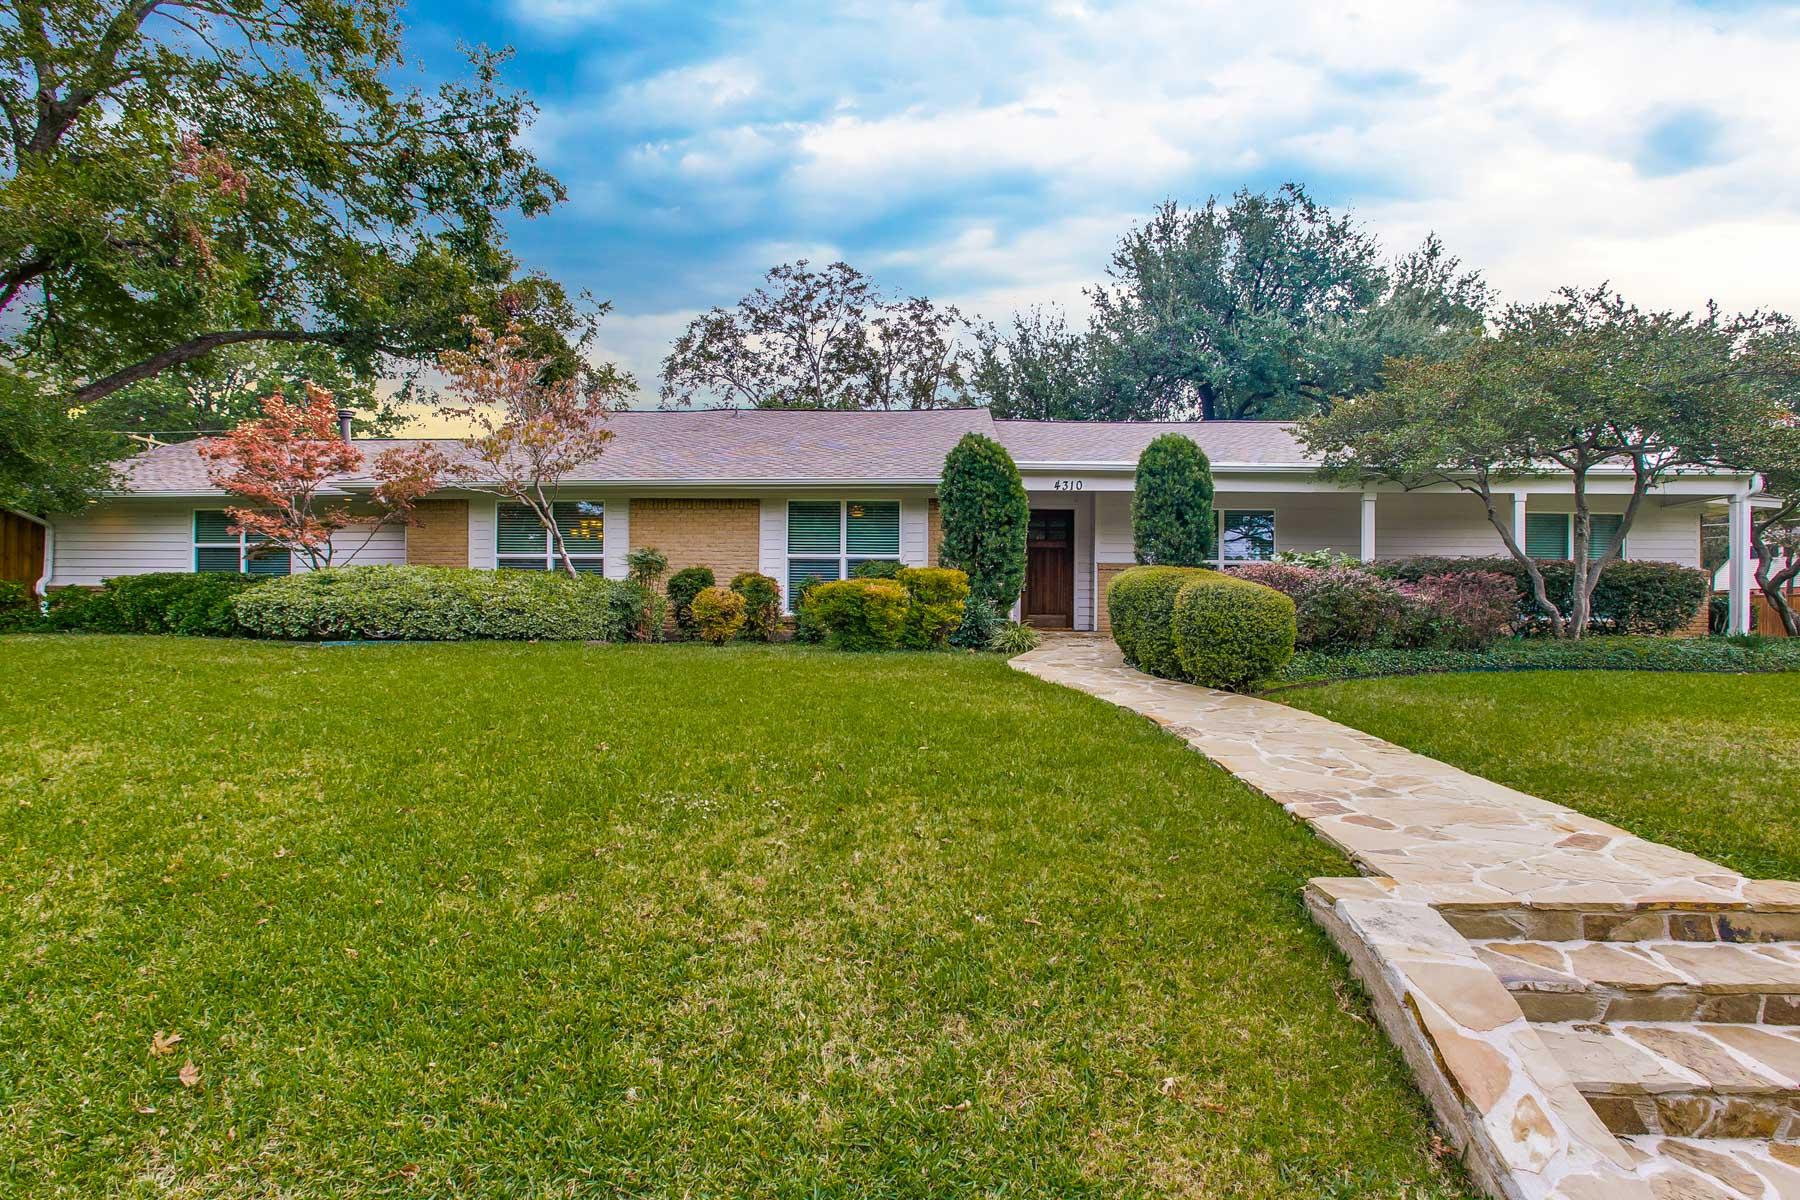 Villa per Vendita alle ore 4310 Reaumur Drive Dallas, Texas 75229 Stati Uniti